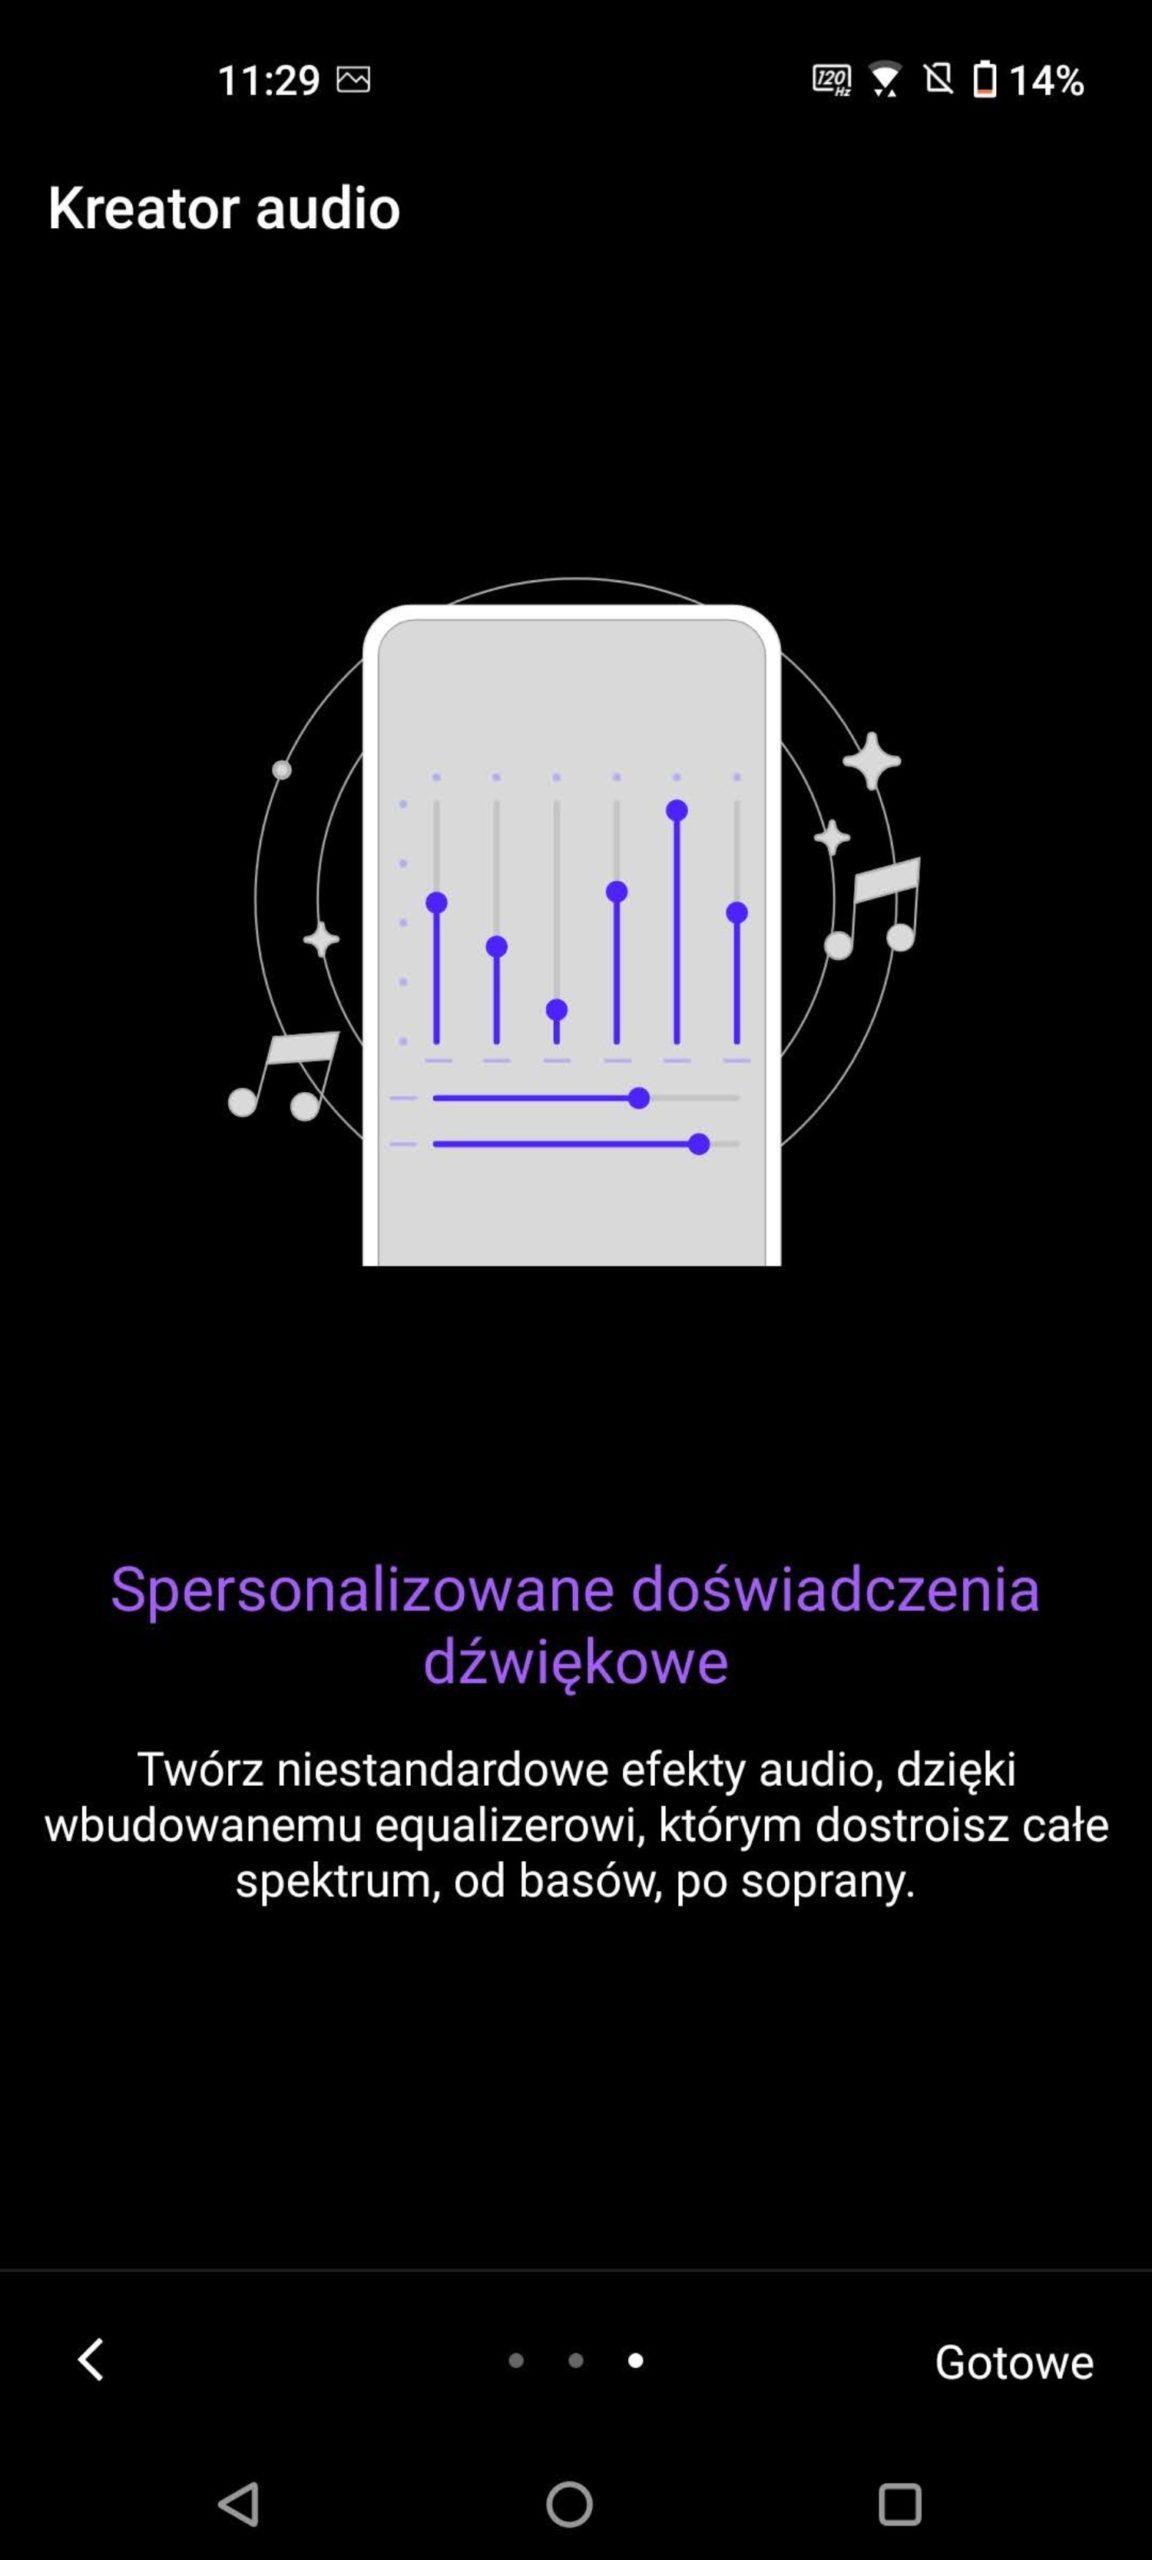 kreator audio asus zenfone 8